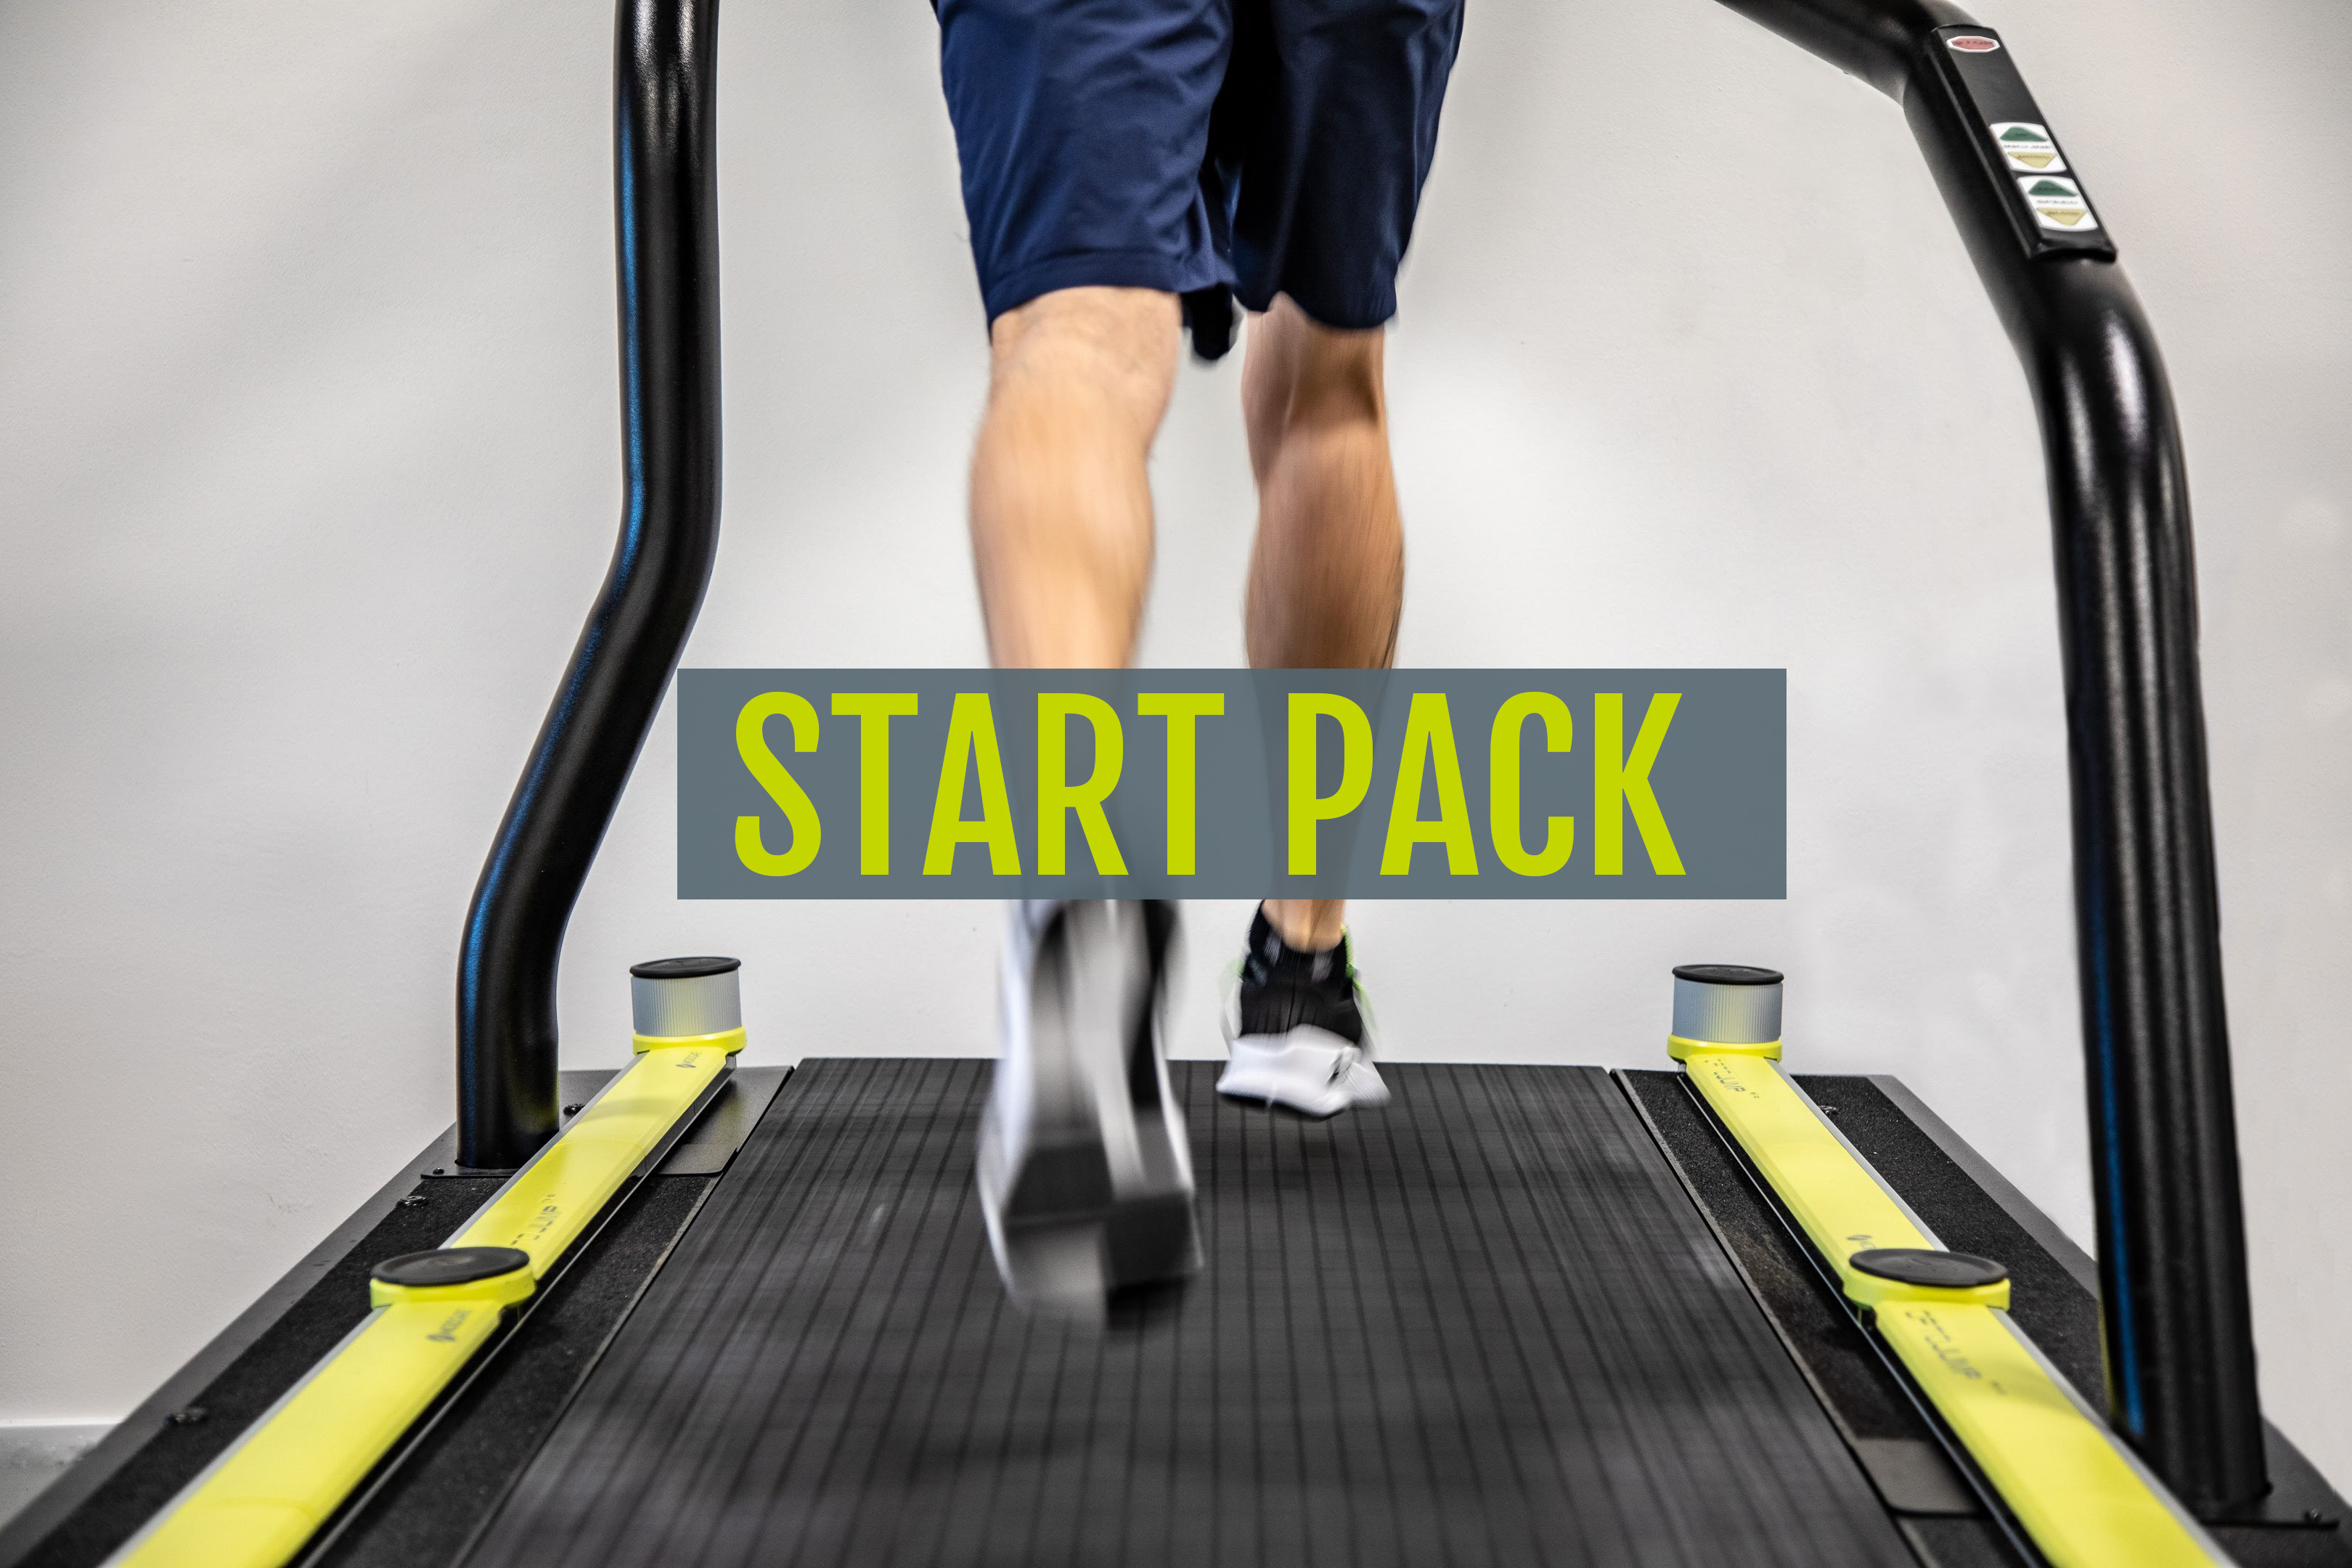 Running - Start Pack